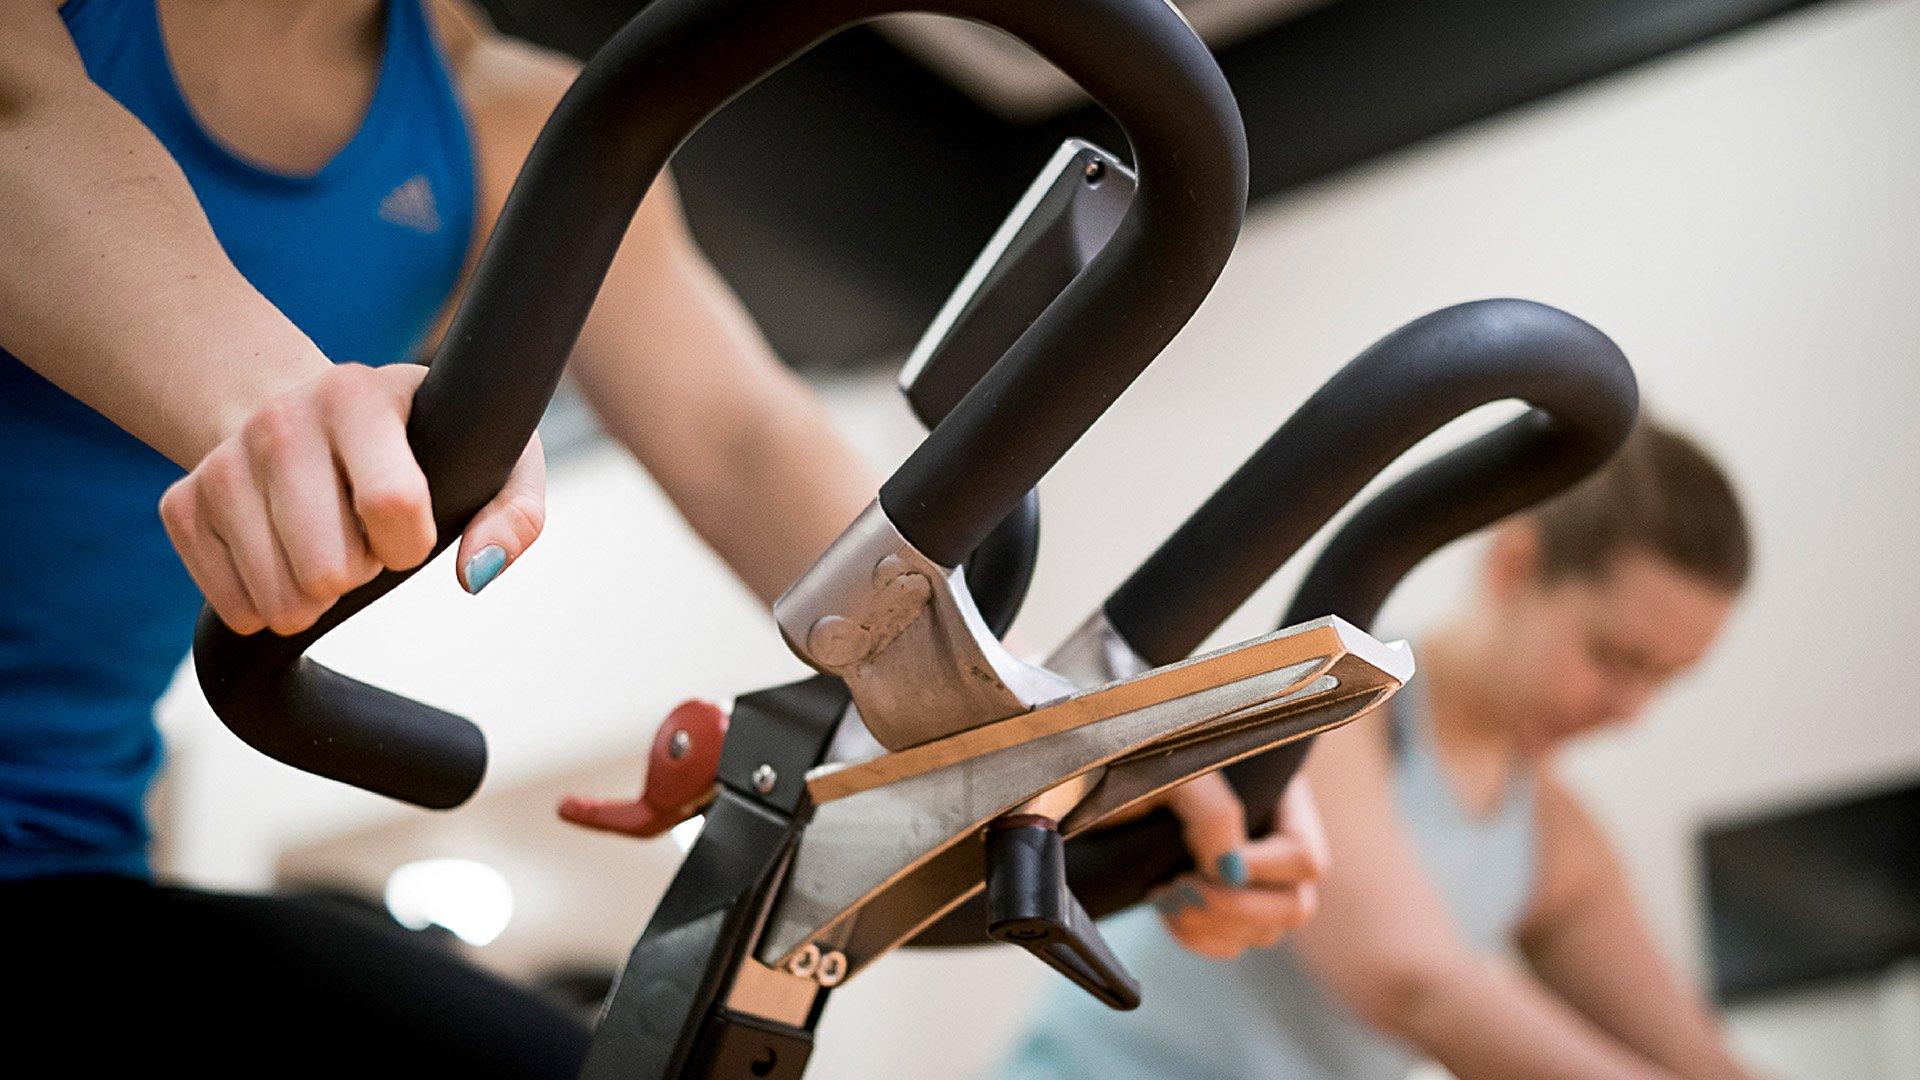 Kaksi naista polkee kuntopyörää spinning-tunnilla.